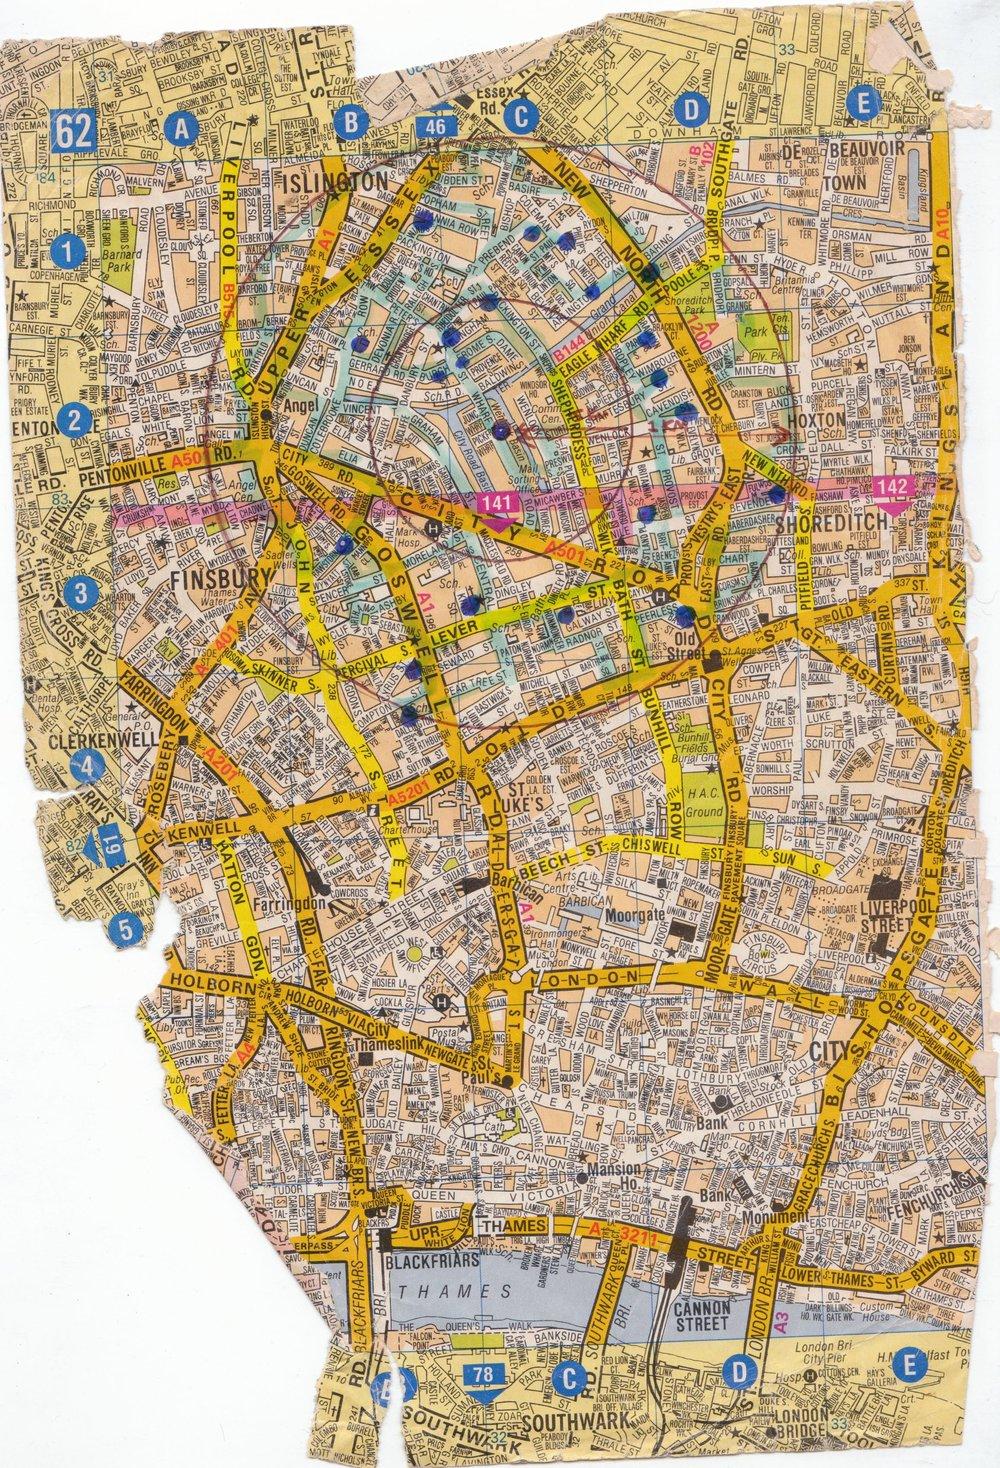 A-Z Islington Map Survey.jpg